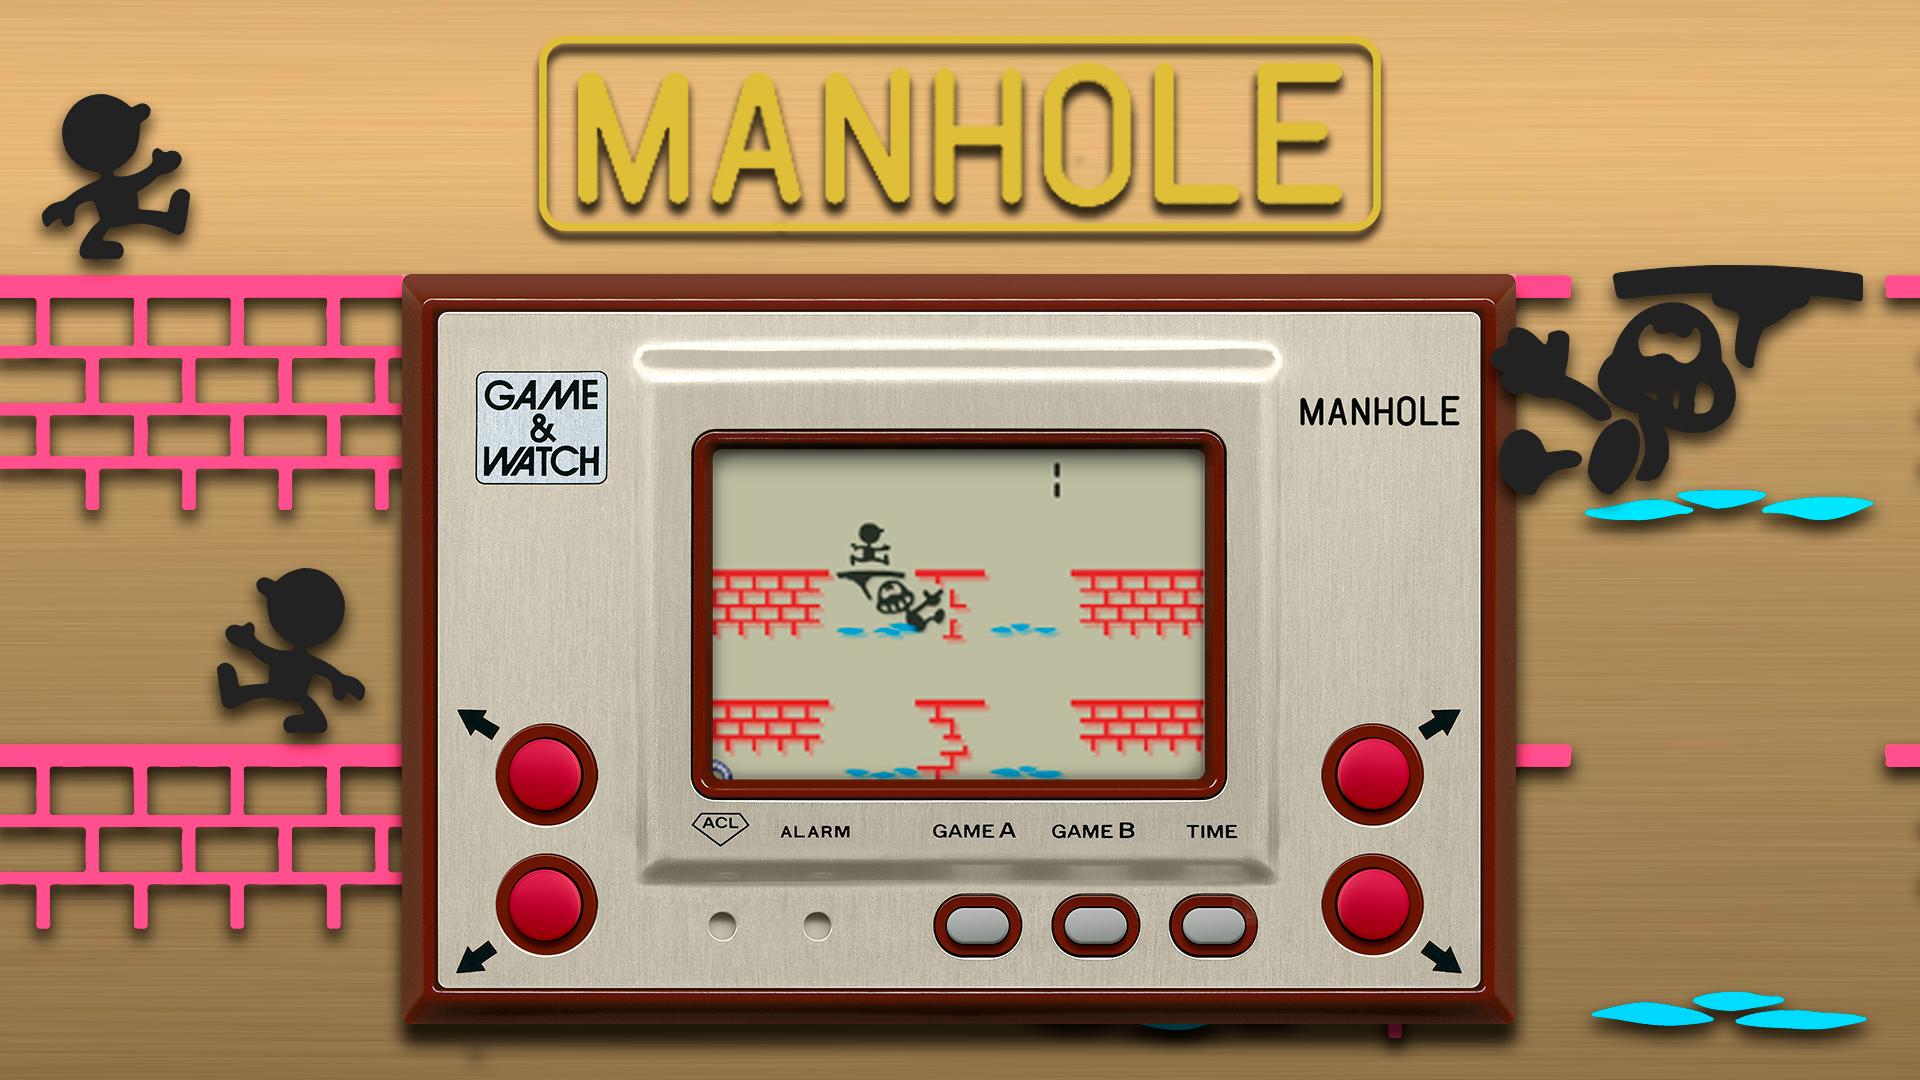 gnw_manholeg.png